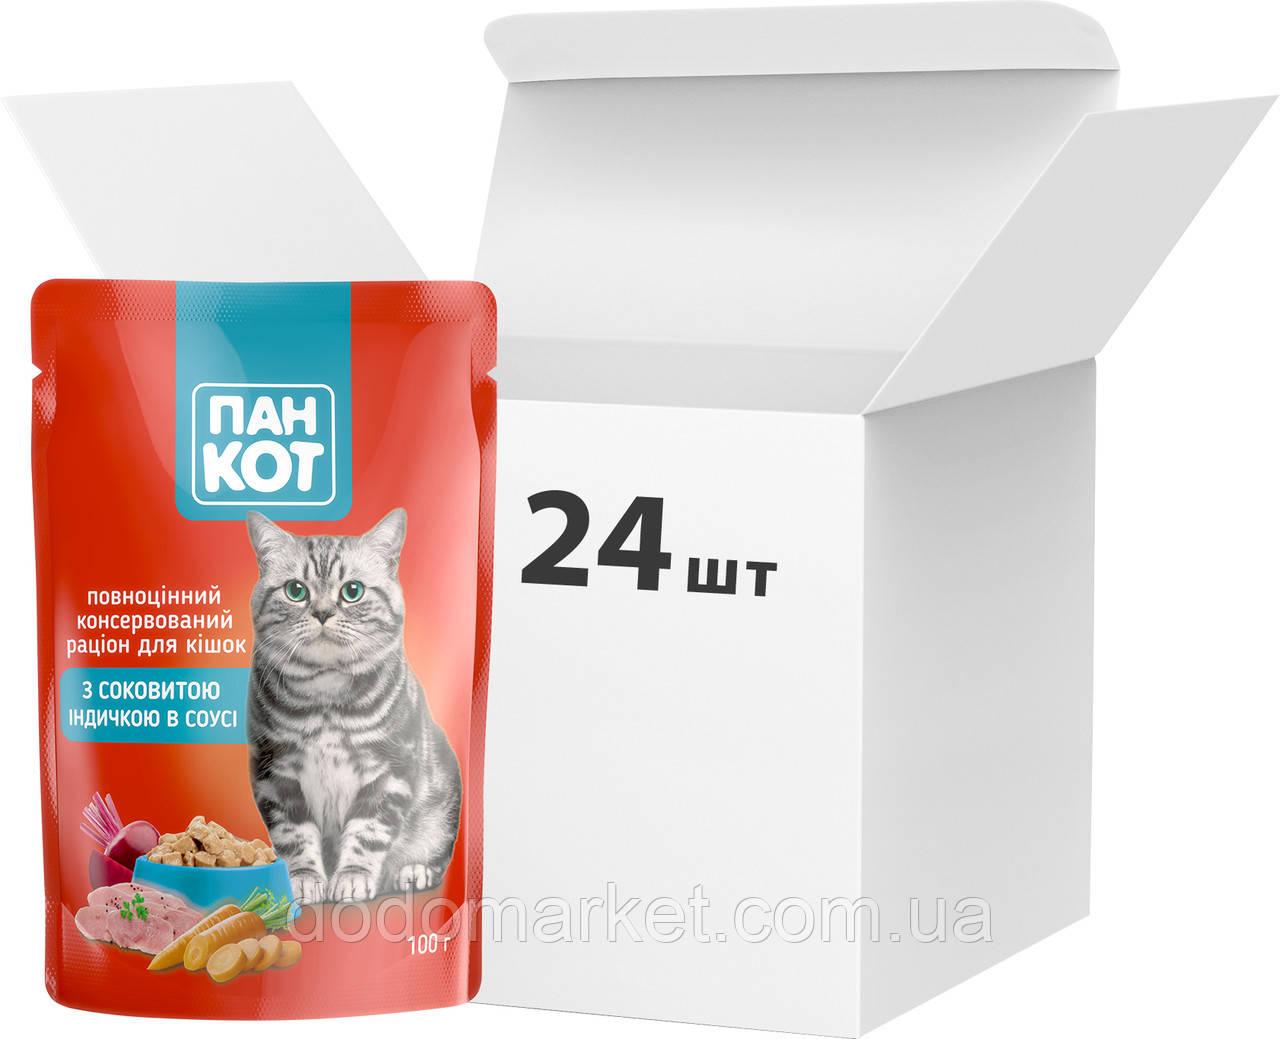 Влажный корм для кошек Пан Кот с сочной индейкой в соусе 100 гр 24 шт